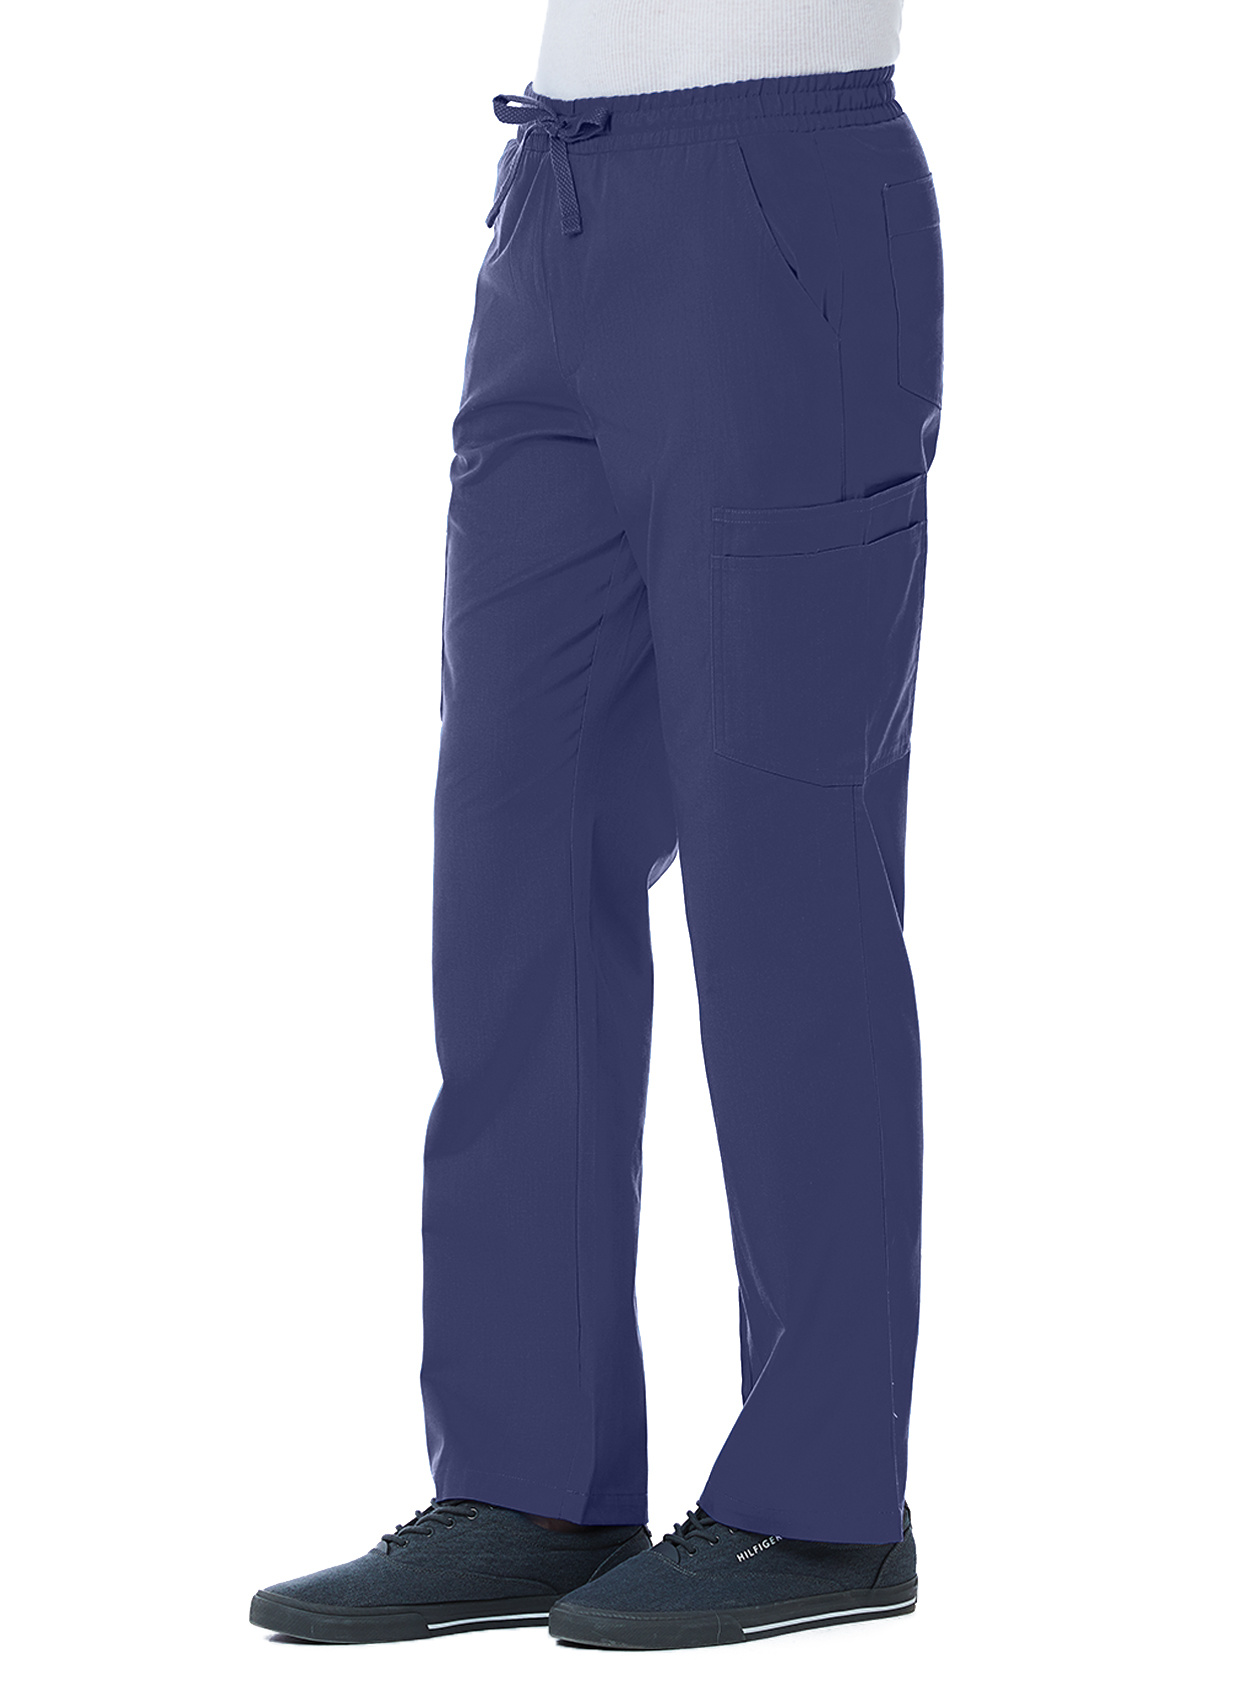 RED PANDA Navy Blue Men's Cargo Pants Red Panda 8206T